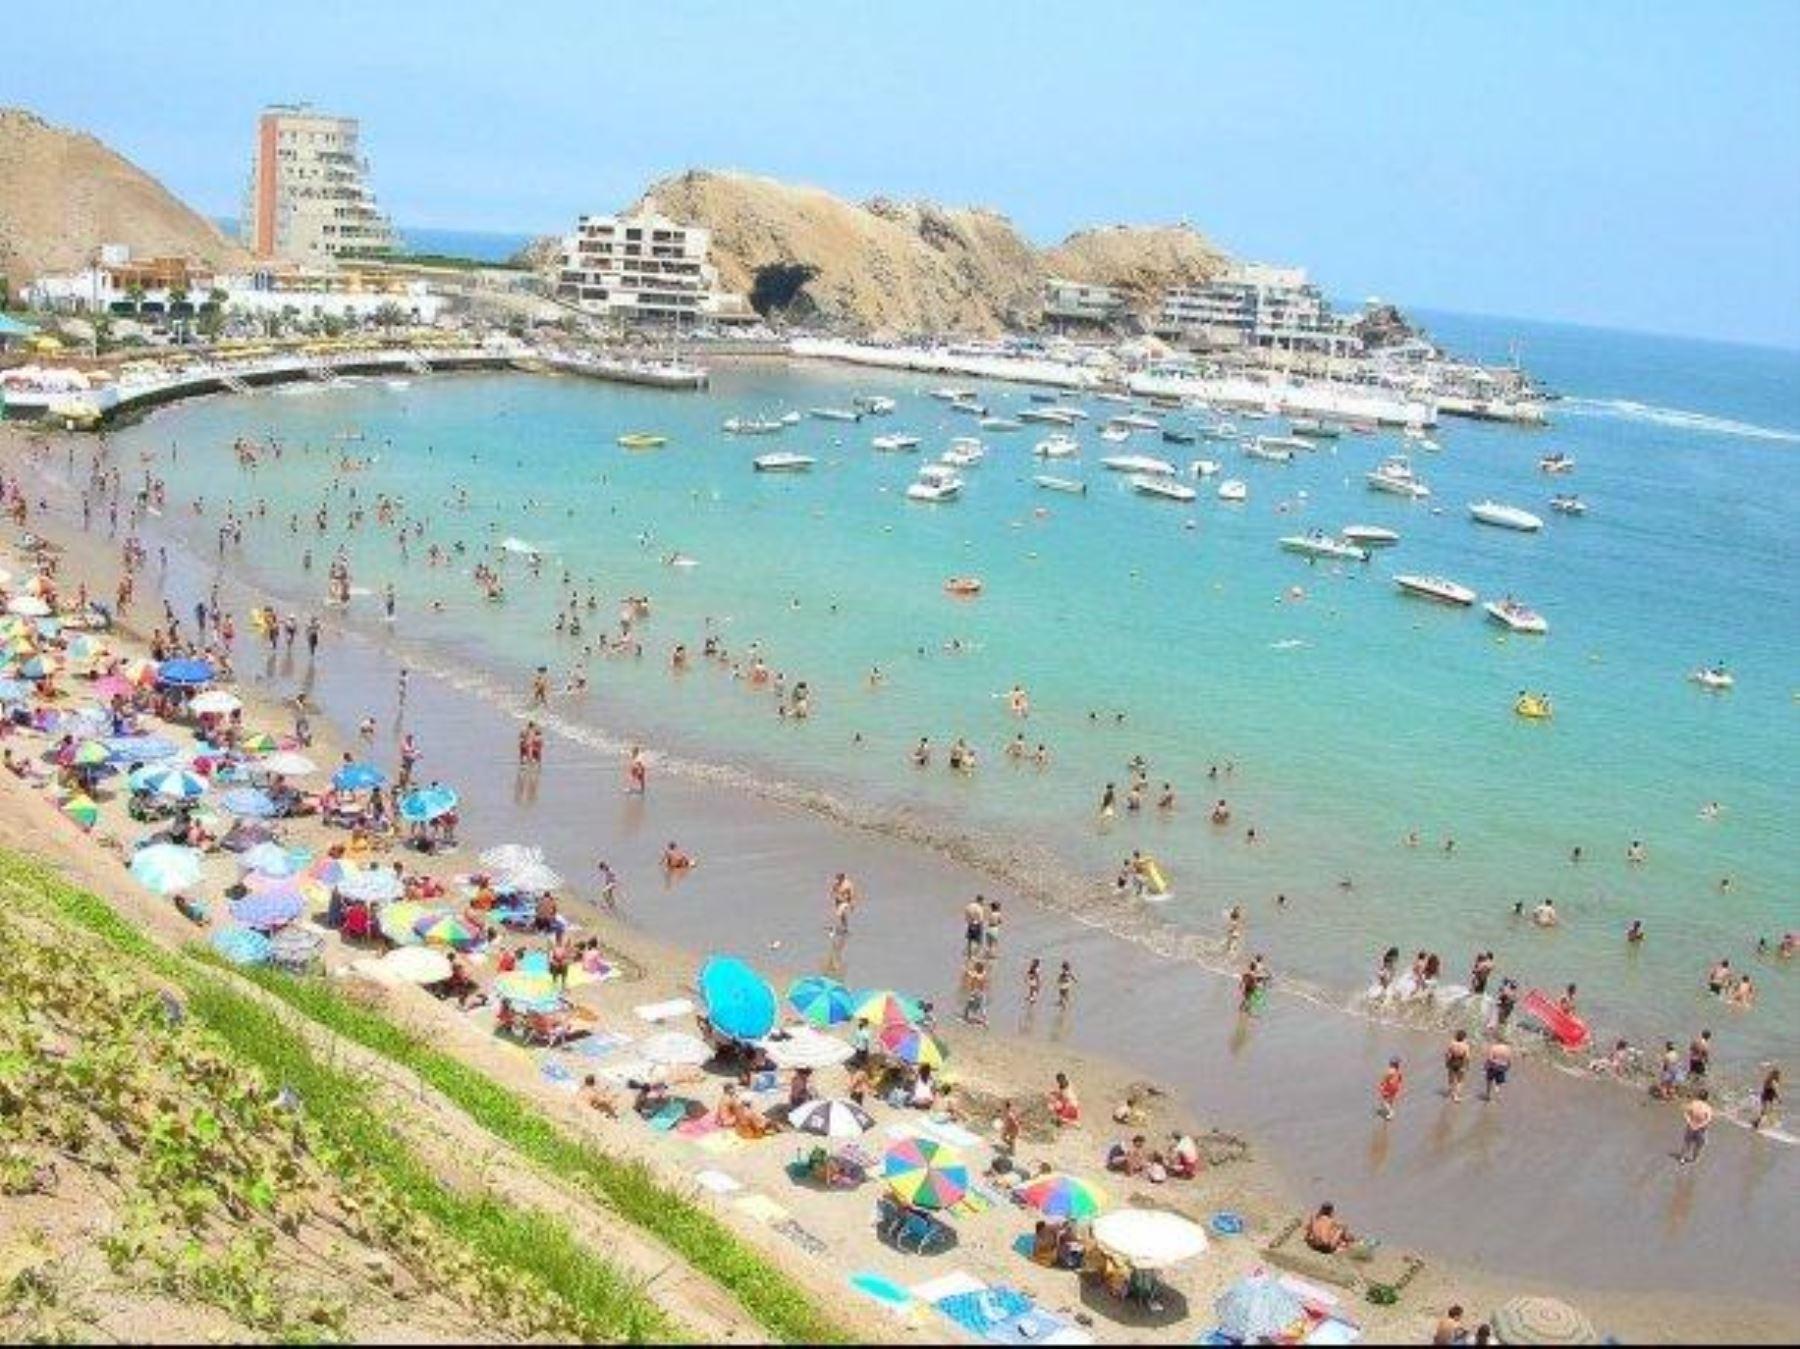 Feria Peru Regiones Promovera Turismo De Playas En Costa Norte Noticias Agencia Peruana De Noticias Andina